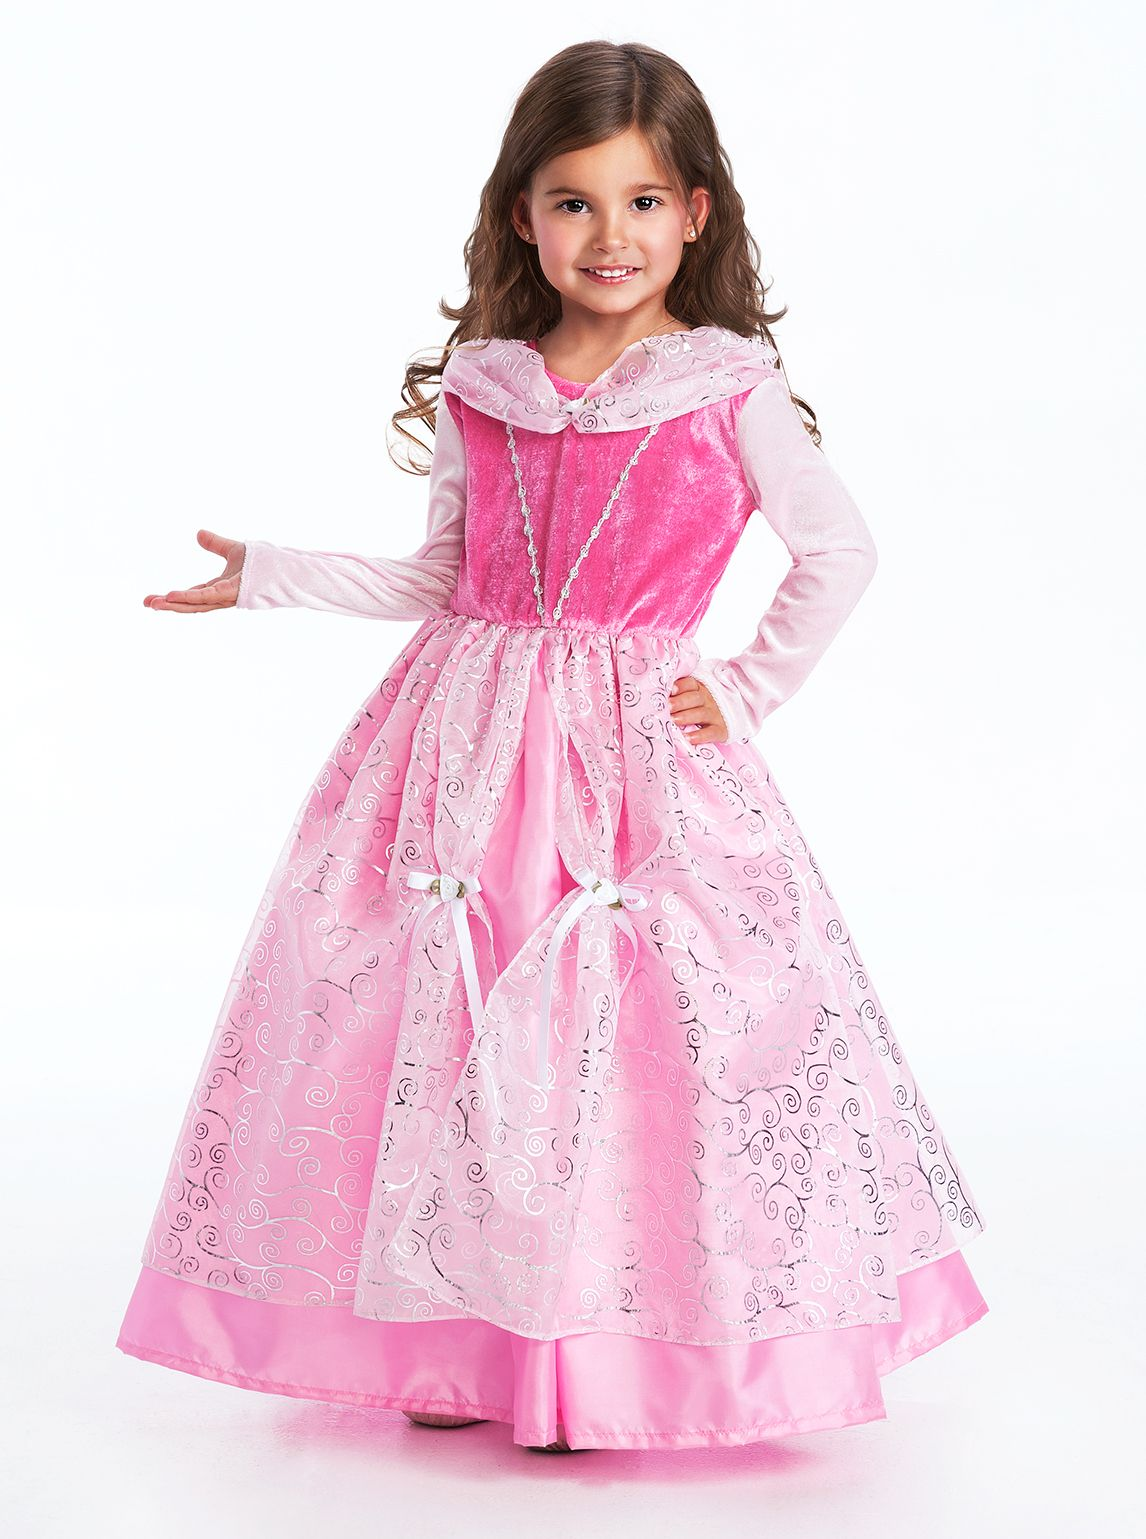 Pin de Be bebe en Vestidos Princesas Lujo | Pinterest | Lujos ...